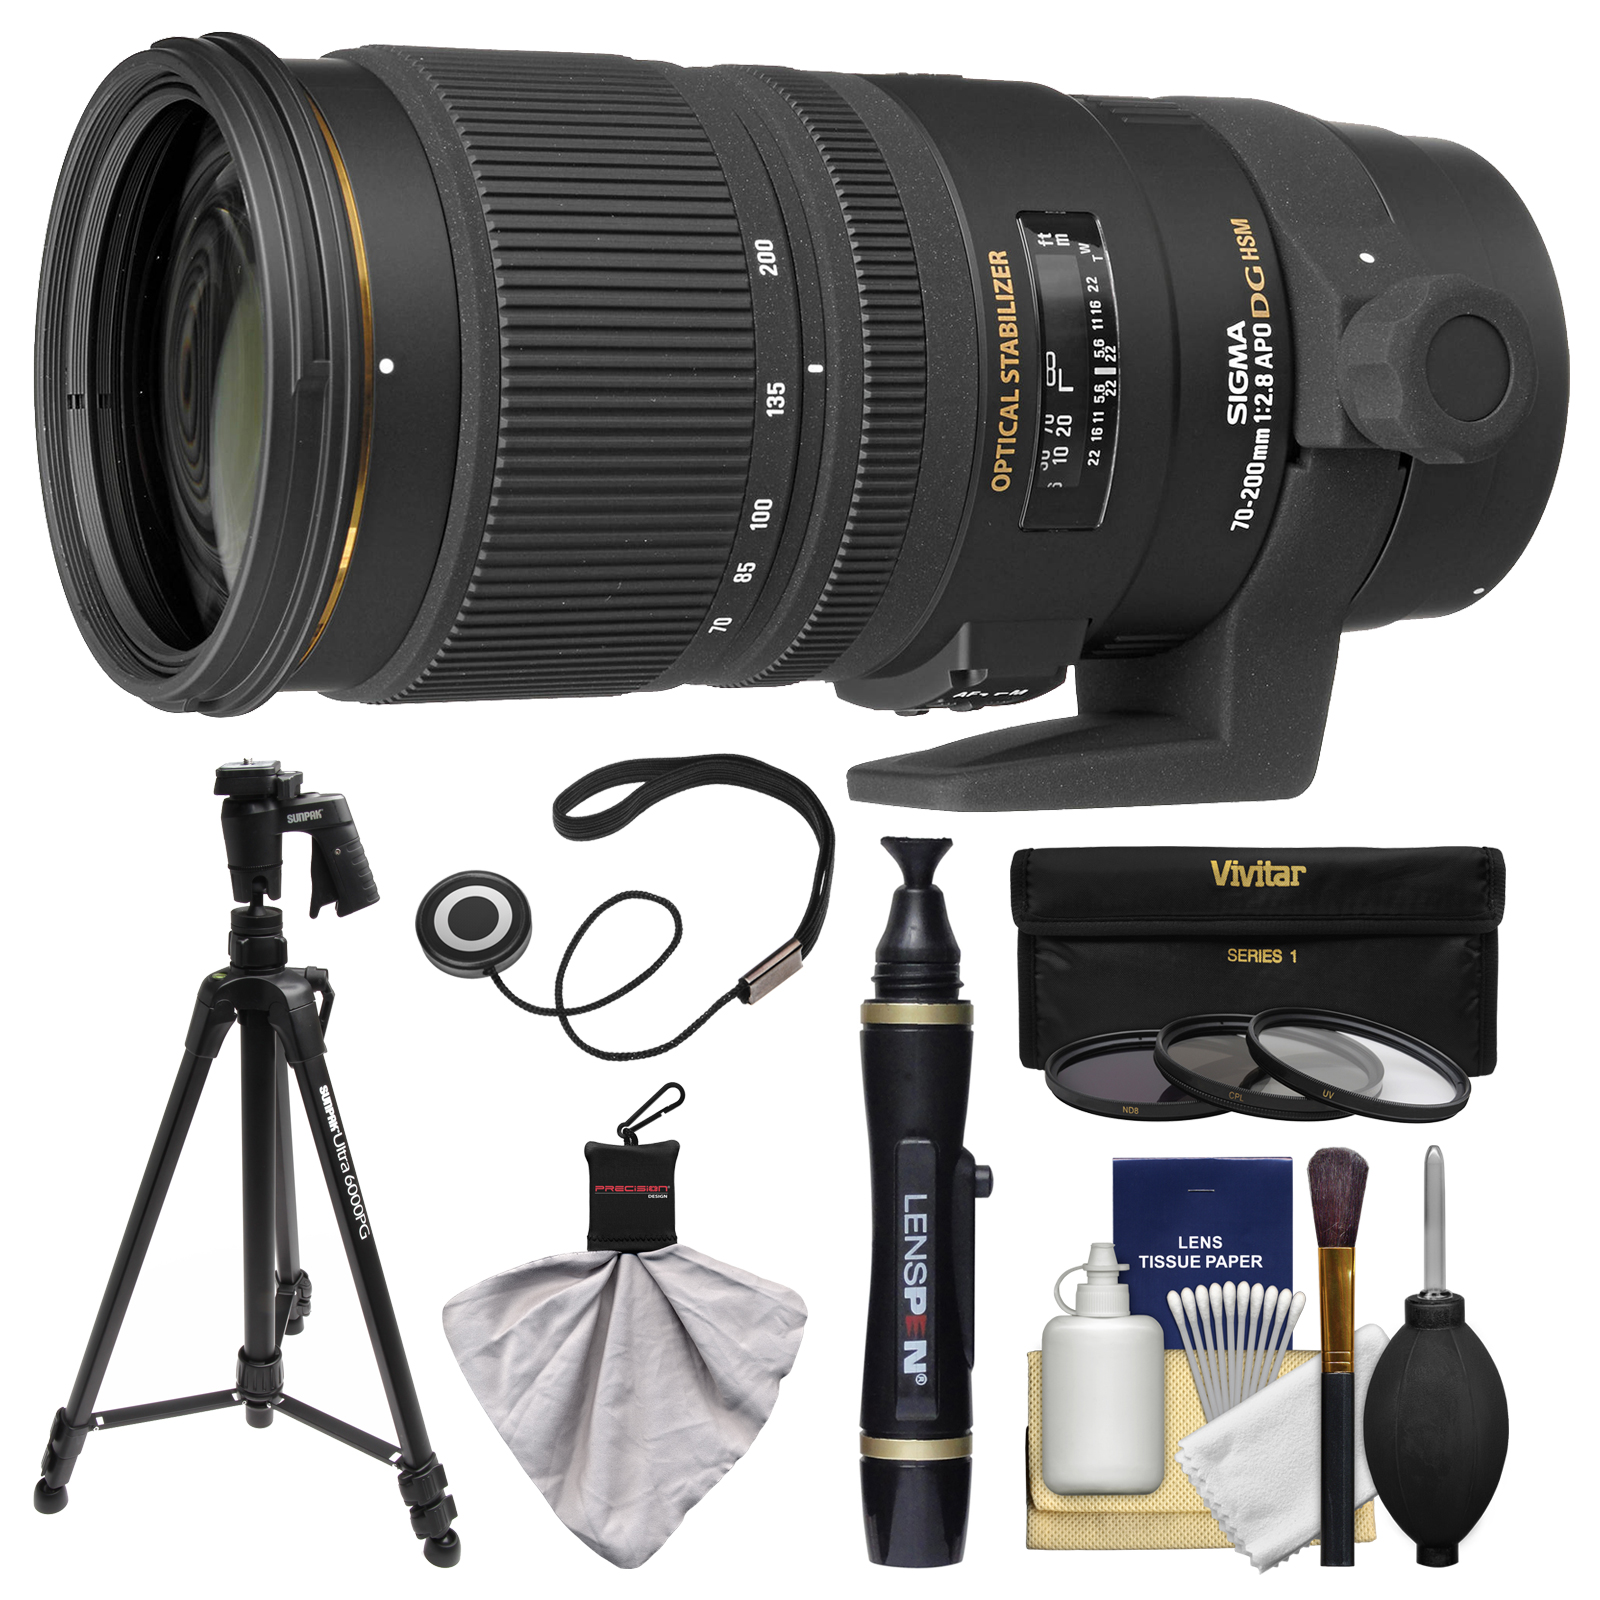 Sigma 70 200mm F 28 Apo Ex Dg Os Hsm Zoom Lens 3 Filters Tripod For Nikon 300mm 4 56 Kit D3300 D5300 D5500 D7100 D7200 D610 D750 D810